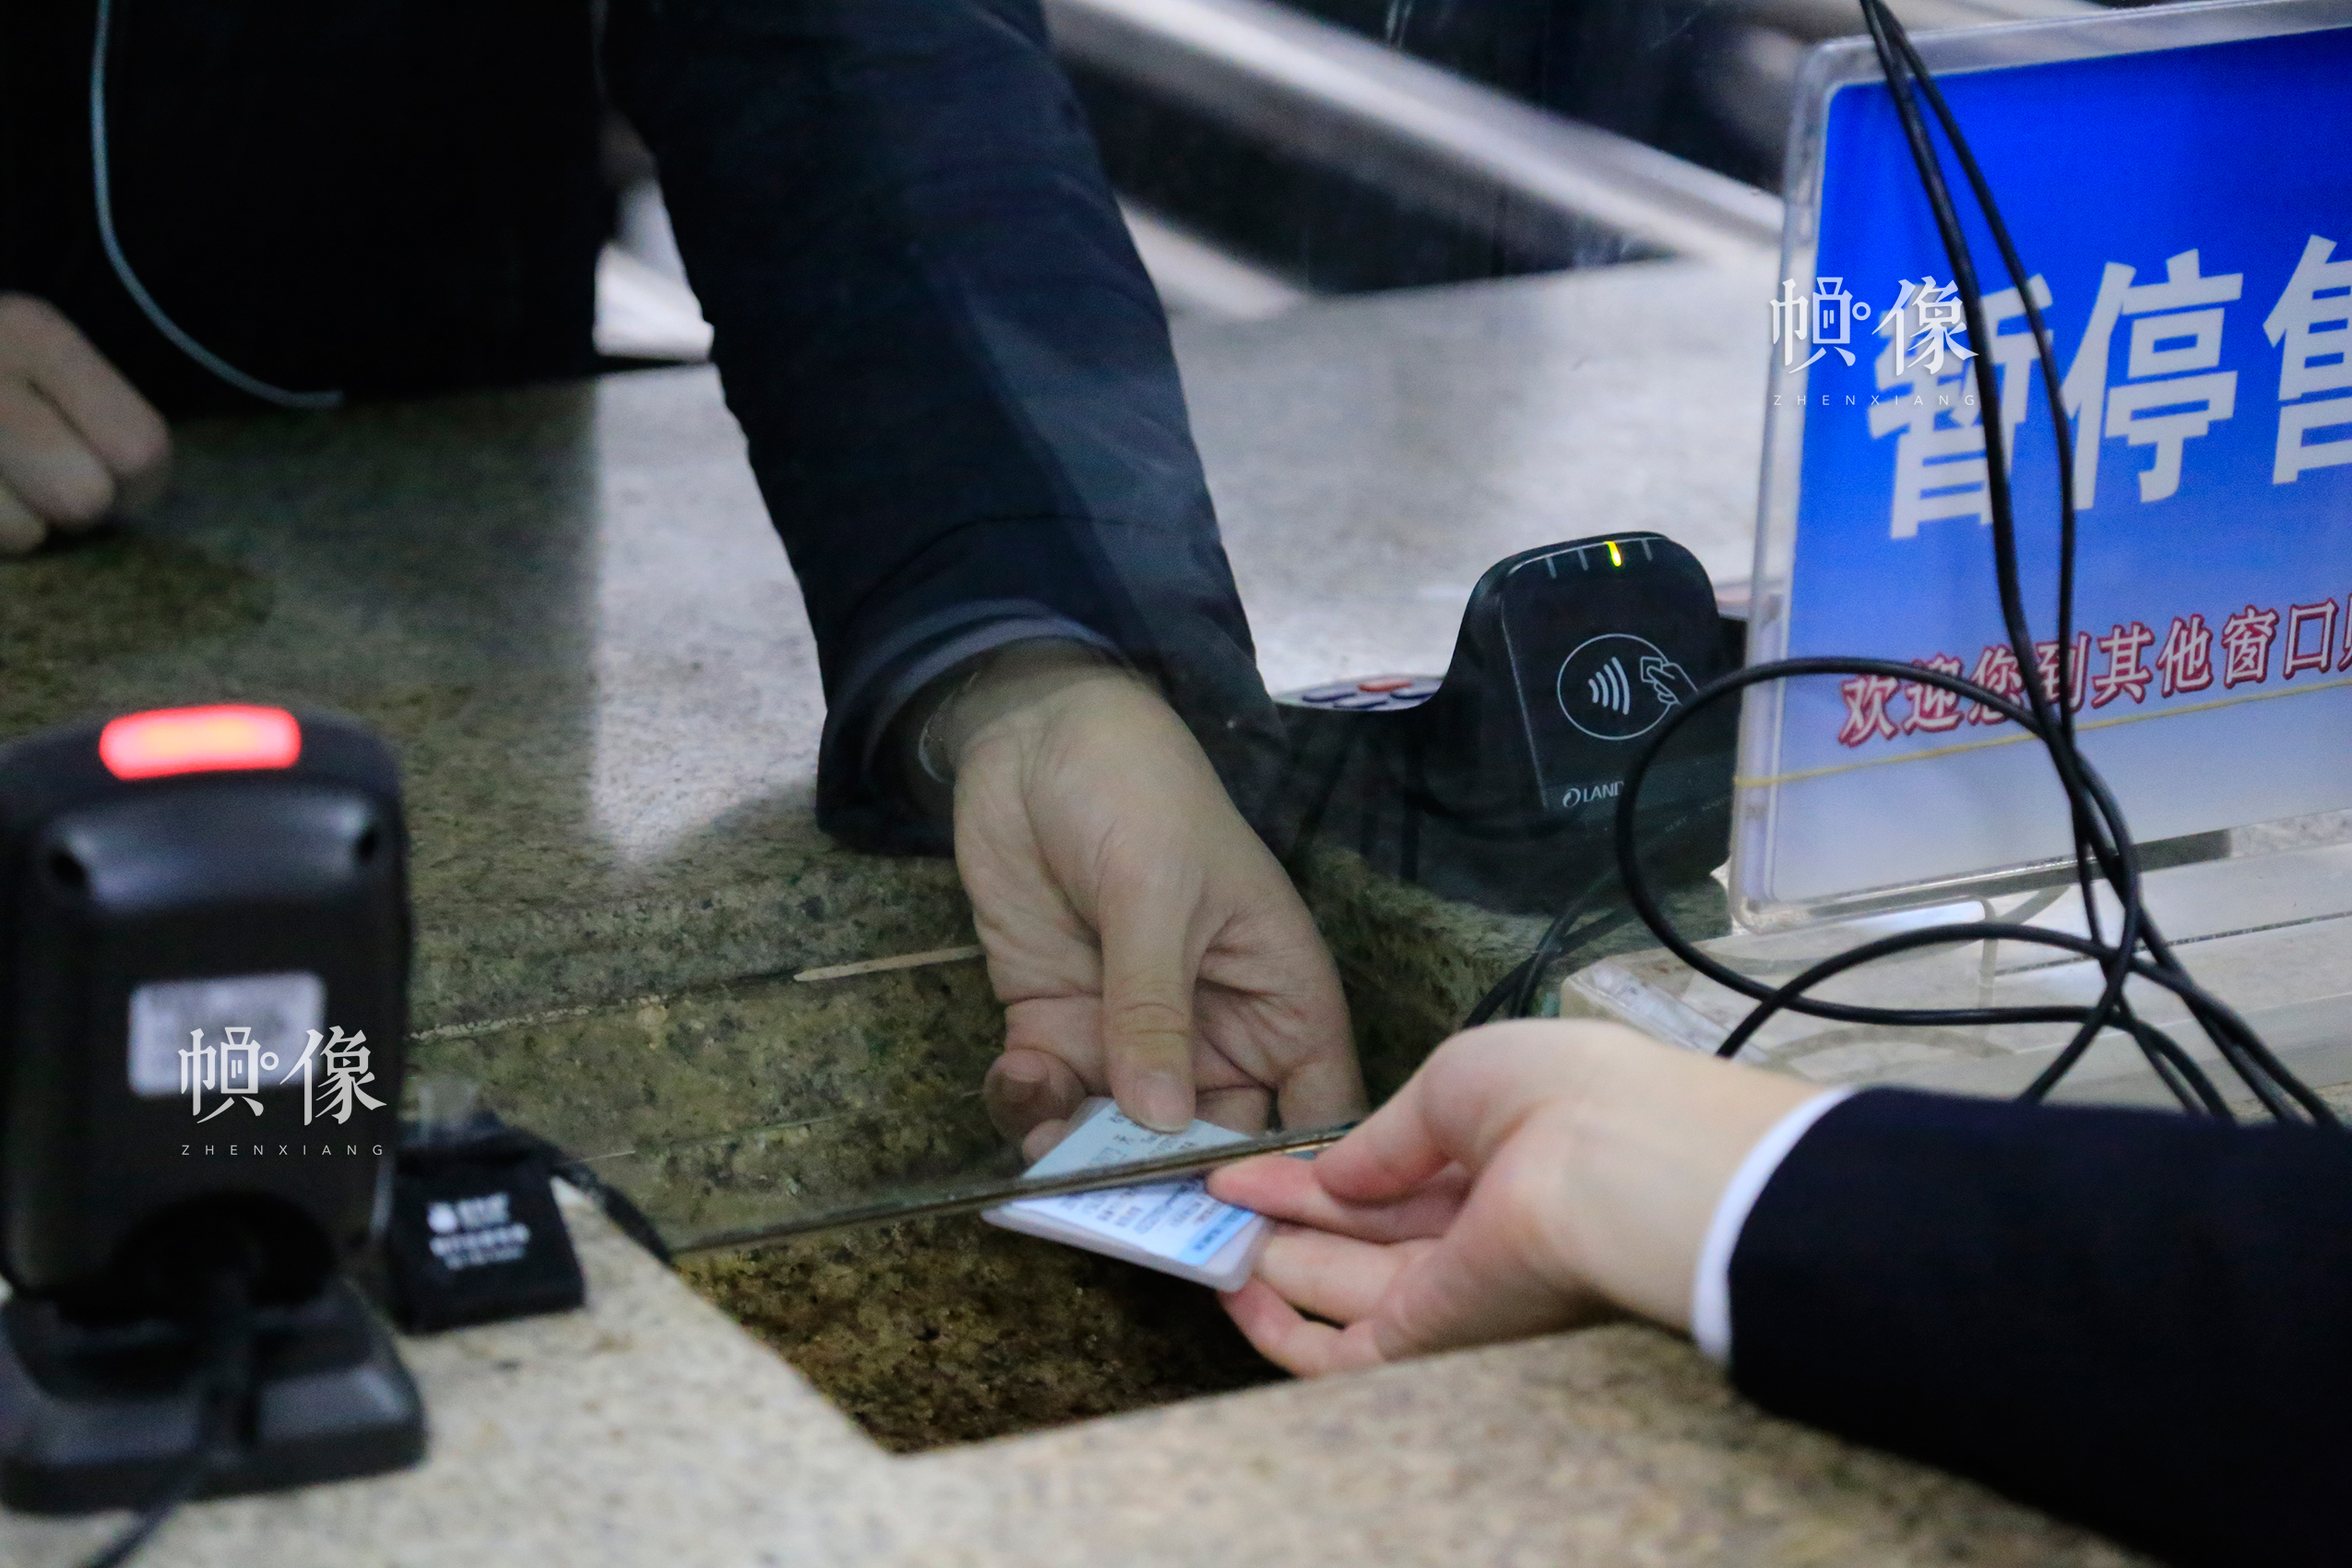 北京南站某一售票窗口内,一位售票员与乘客通过窗口底部的凹槽传递乘客购买的火车票及证件。中国网实习记者 韩依 摄